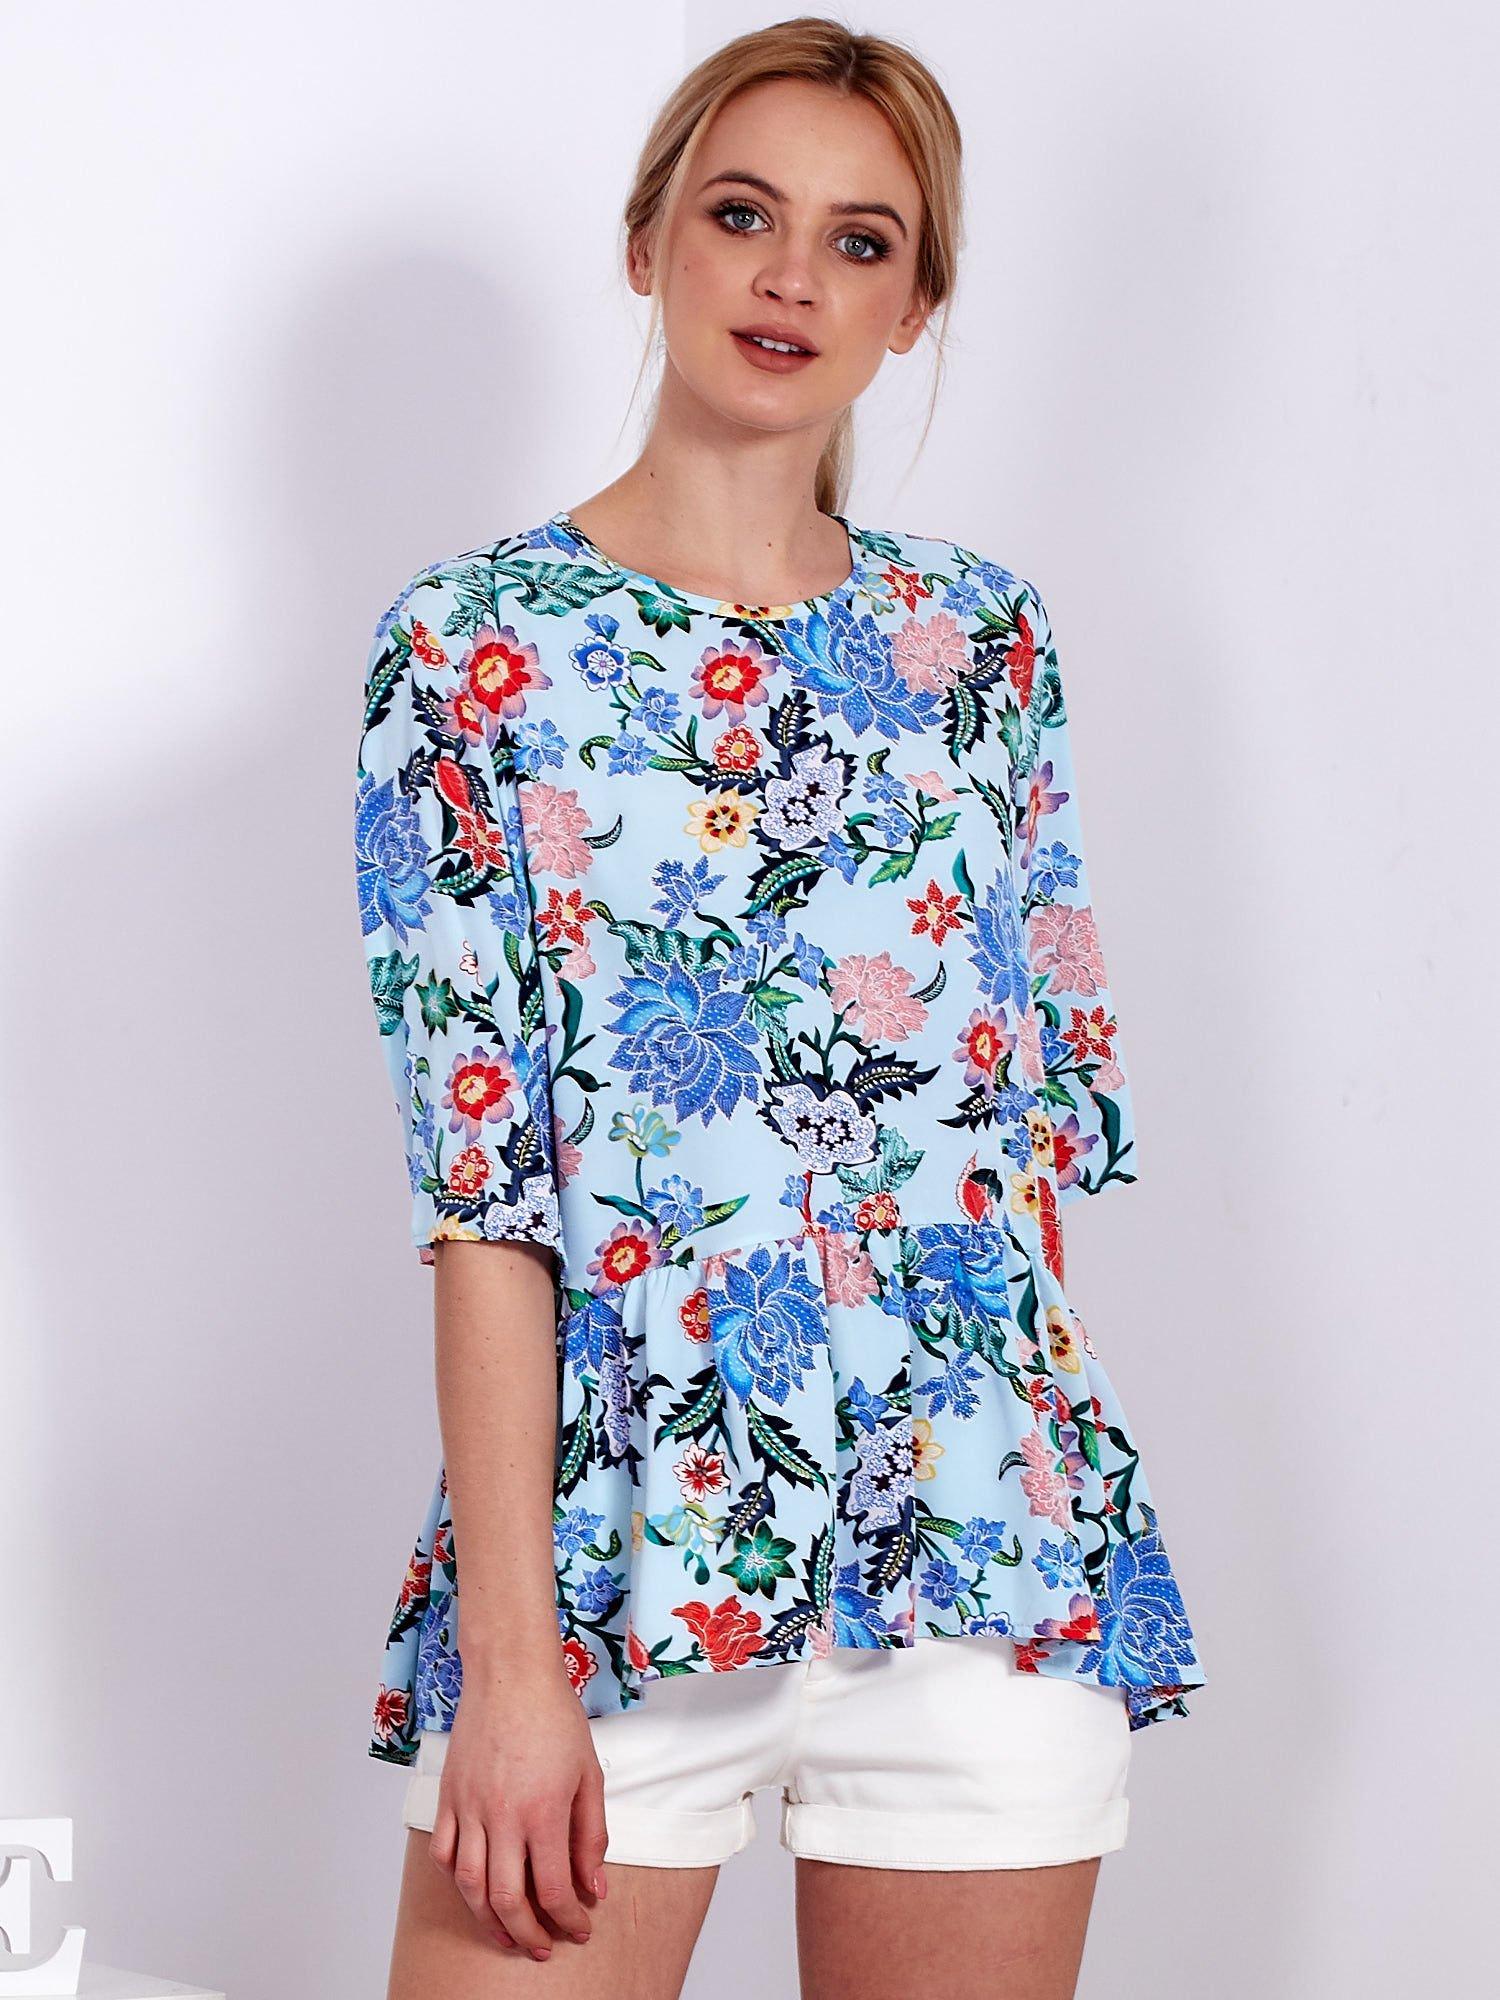 4e1692dae8c0 Niebieska tunika w kolorowe kwiaty - Bluzka one size - sklep eButik.pl